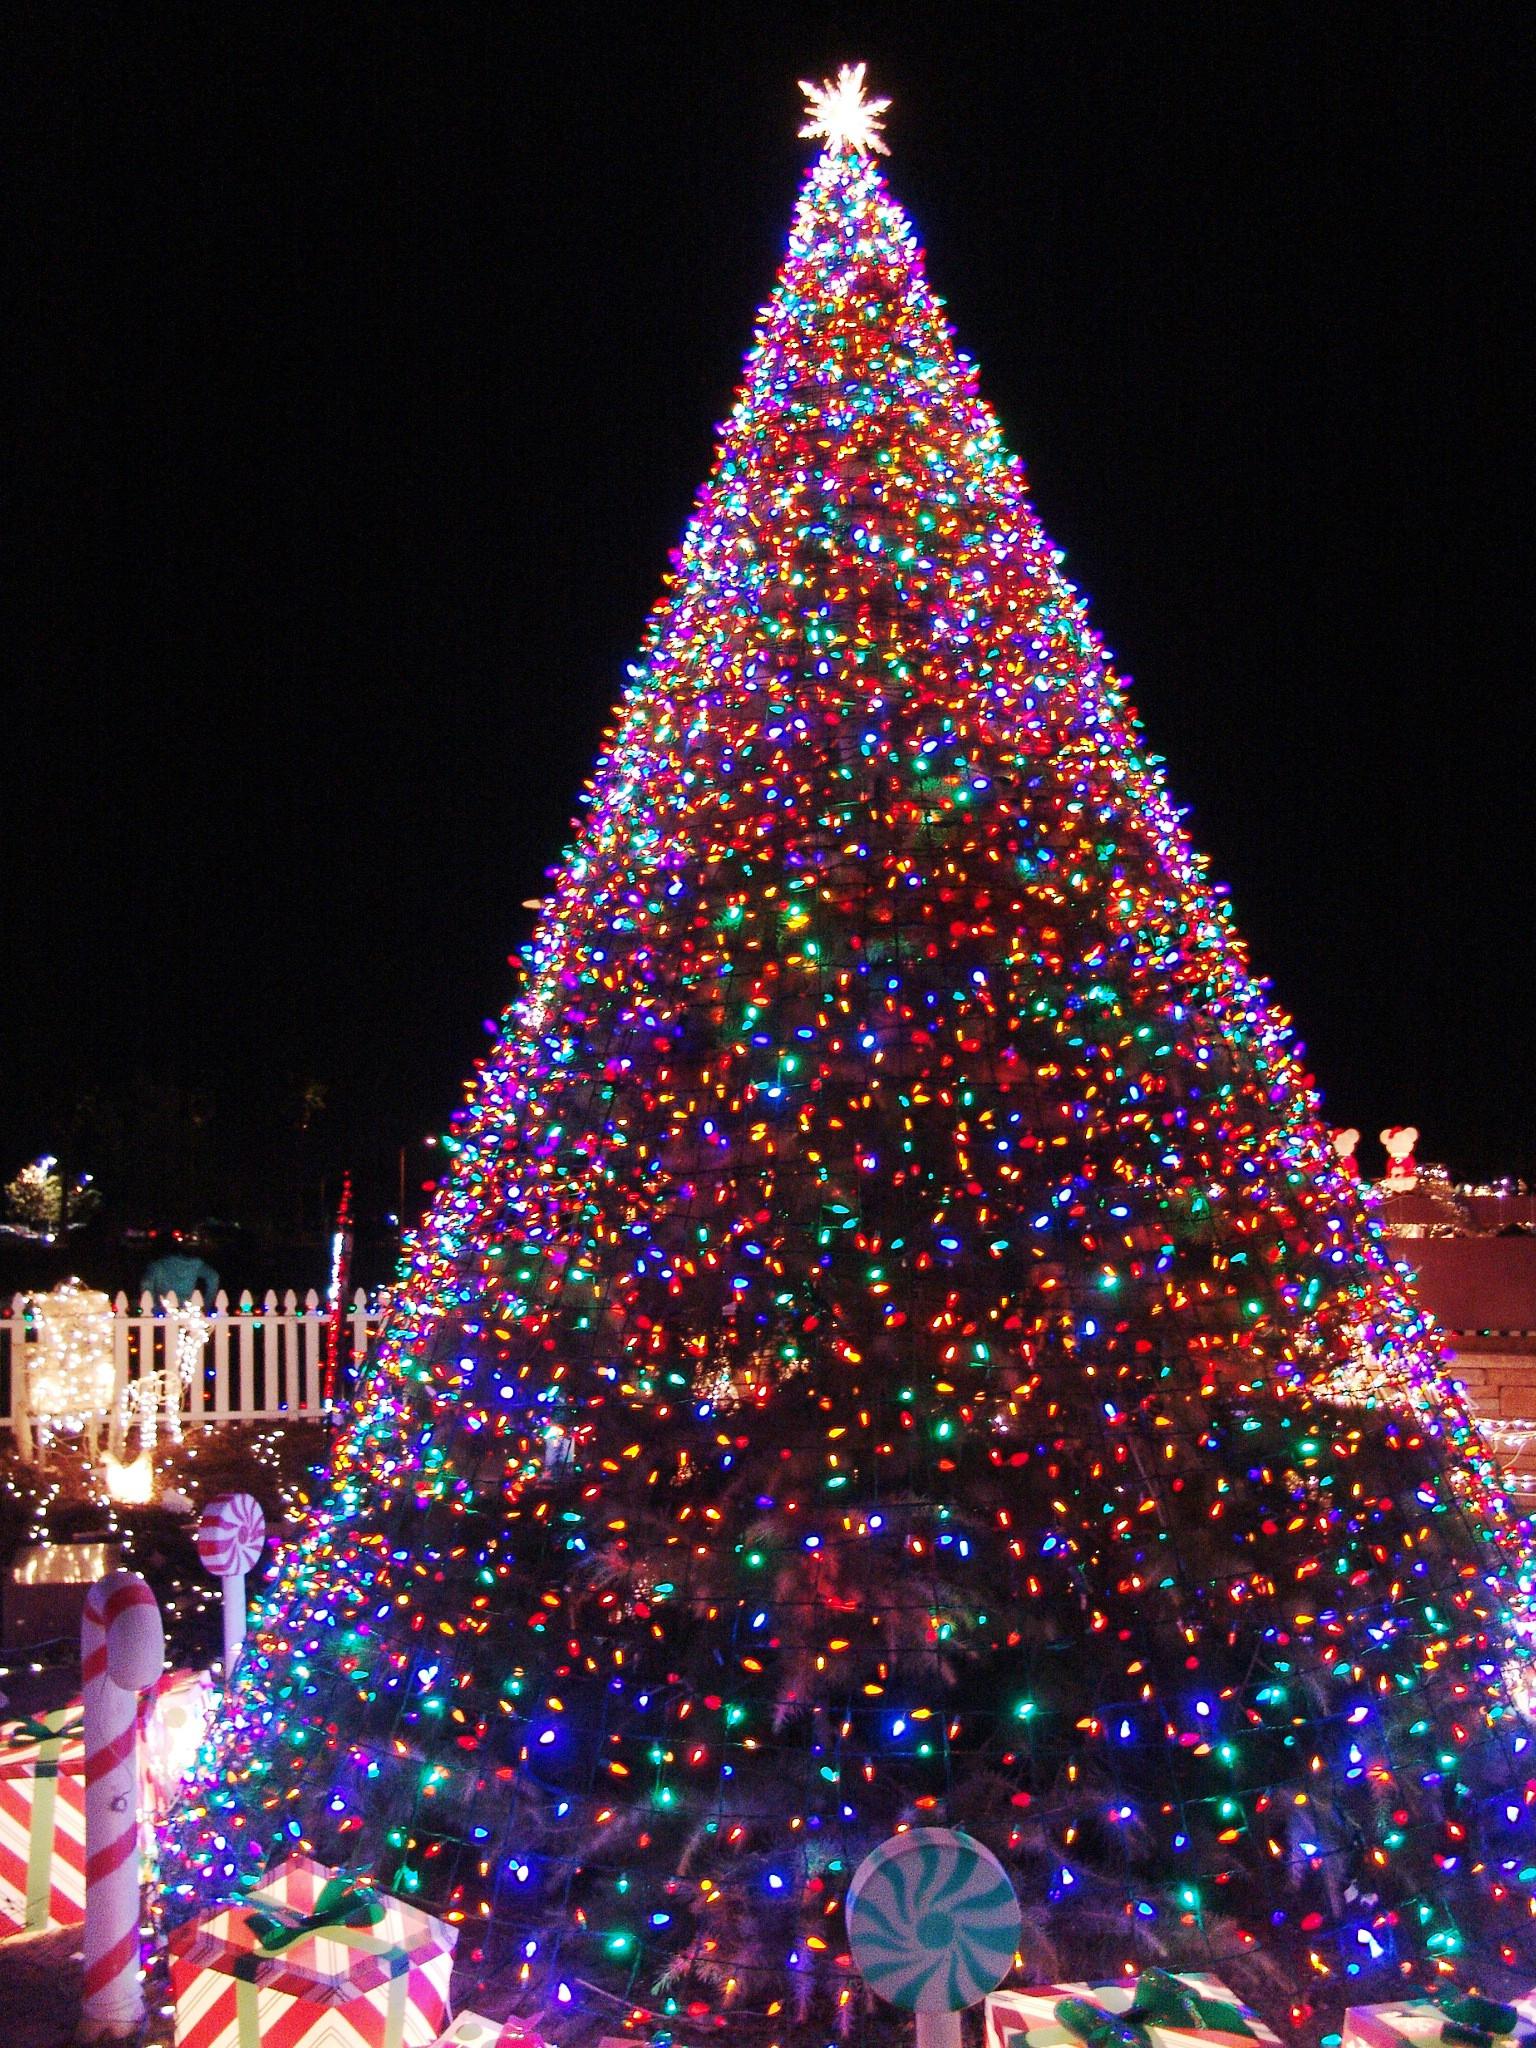 Christmas Tree Lighting Elegant 11 Awesome and Dazzling Christmas Tree Lights Ideas